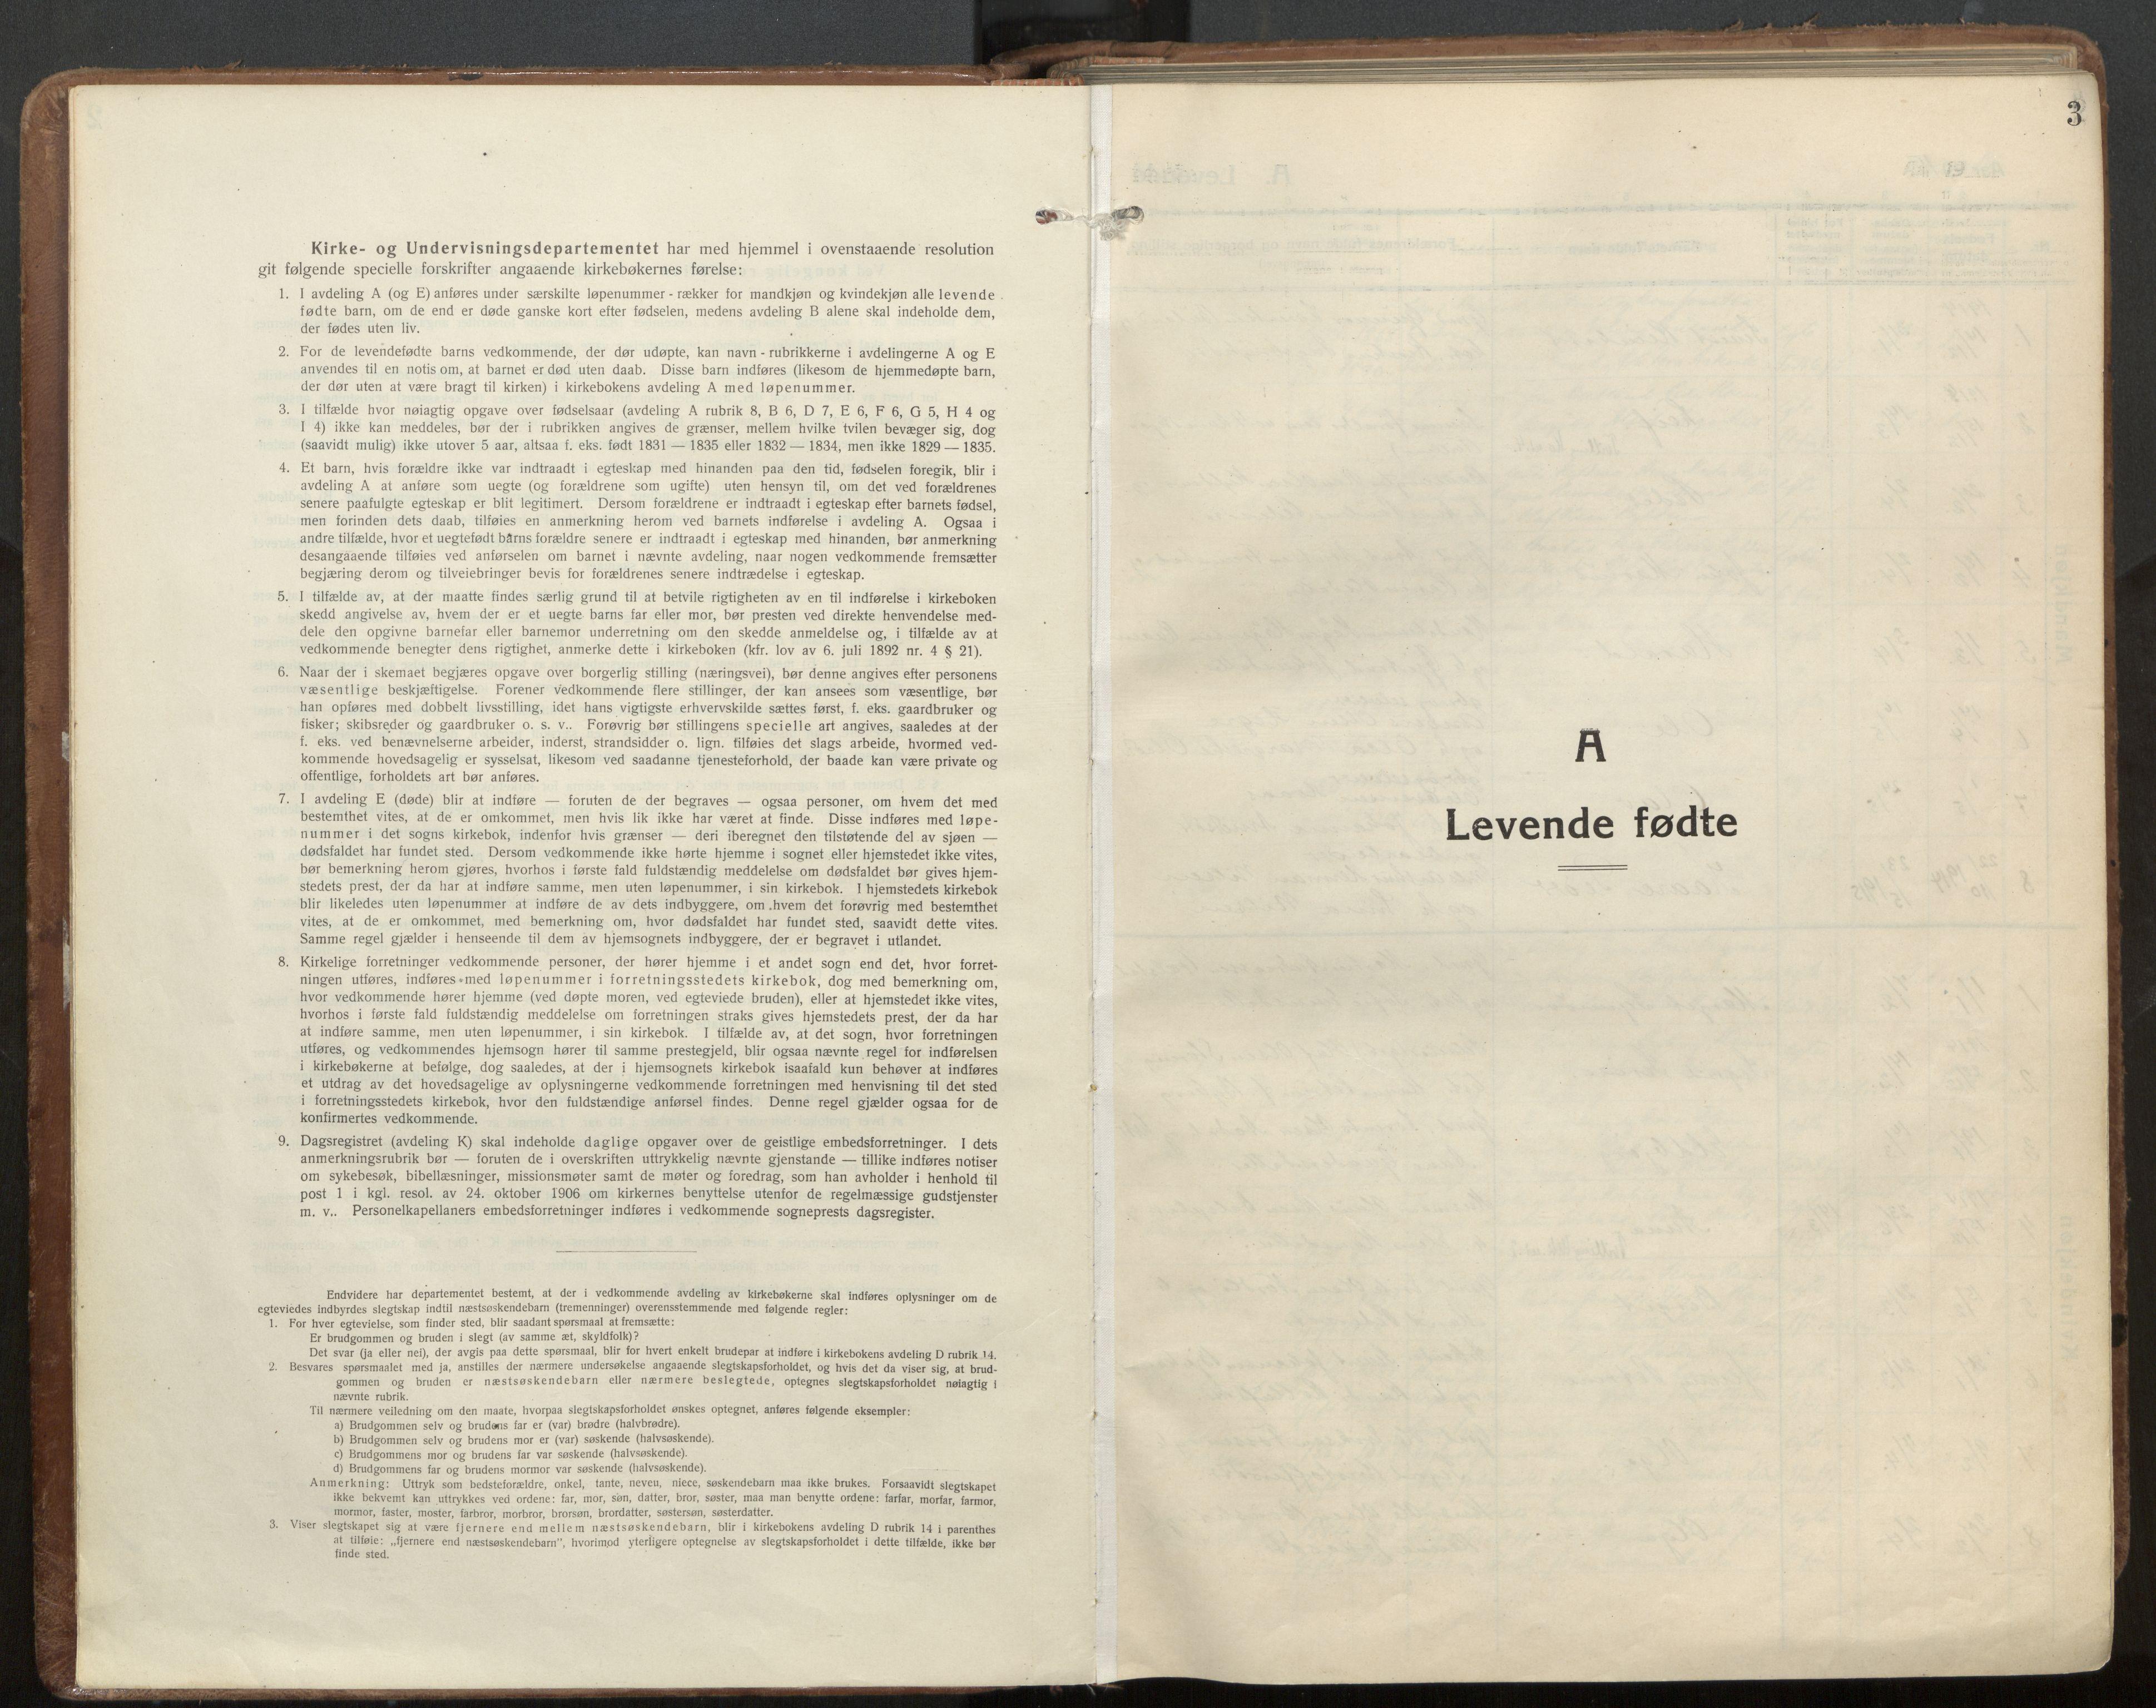 SAT, Ministerialprotokoller, klokkerbøker og fødselsregistre - Nord-Trøndelag, 703/L0037: Parish register (official) no. 703A10, 1915-1932, p. 3